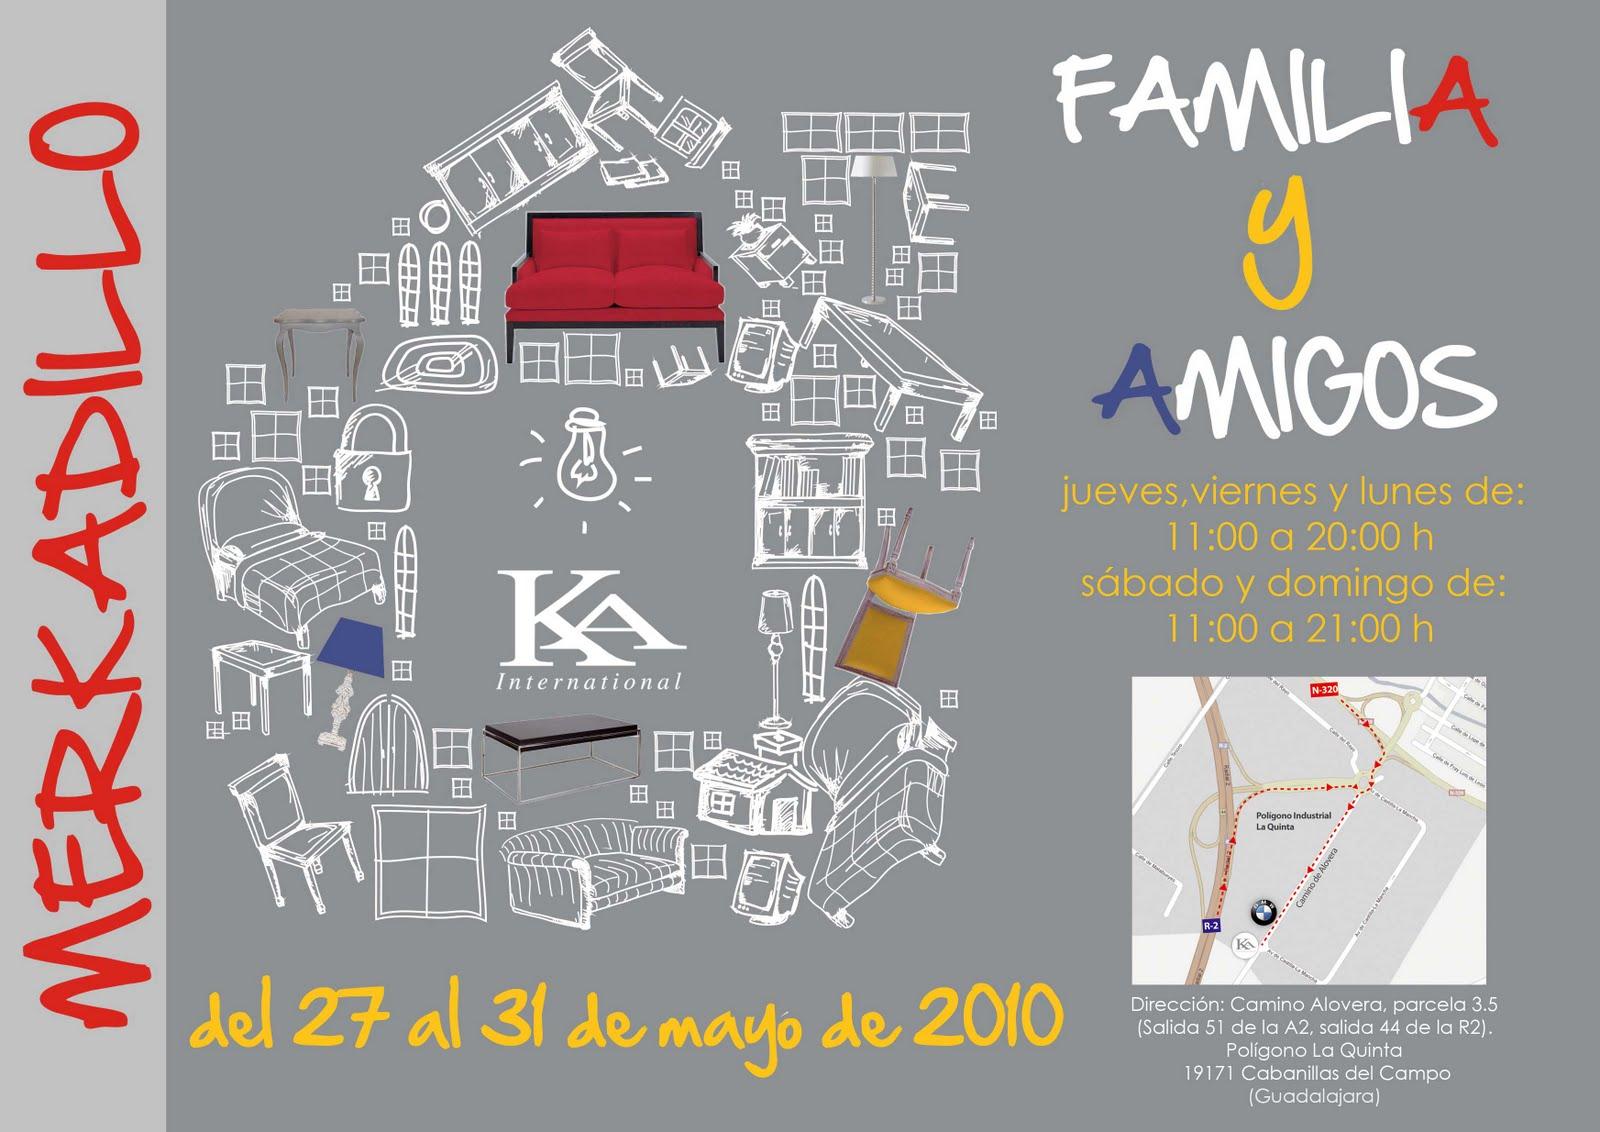 Mercadillo familia y amigos de ka internacional madridecora decoraci n - Ka internacional ...